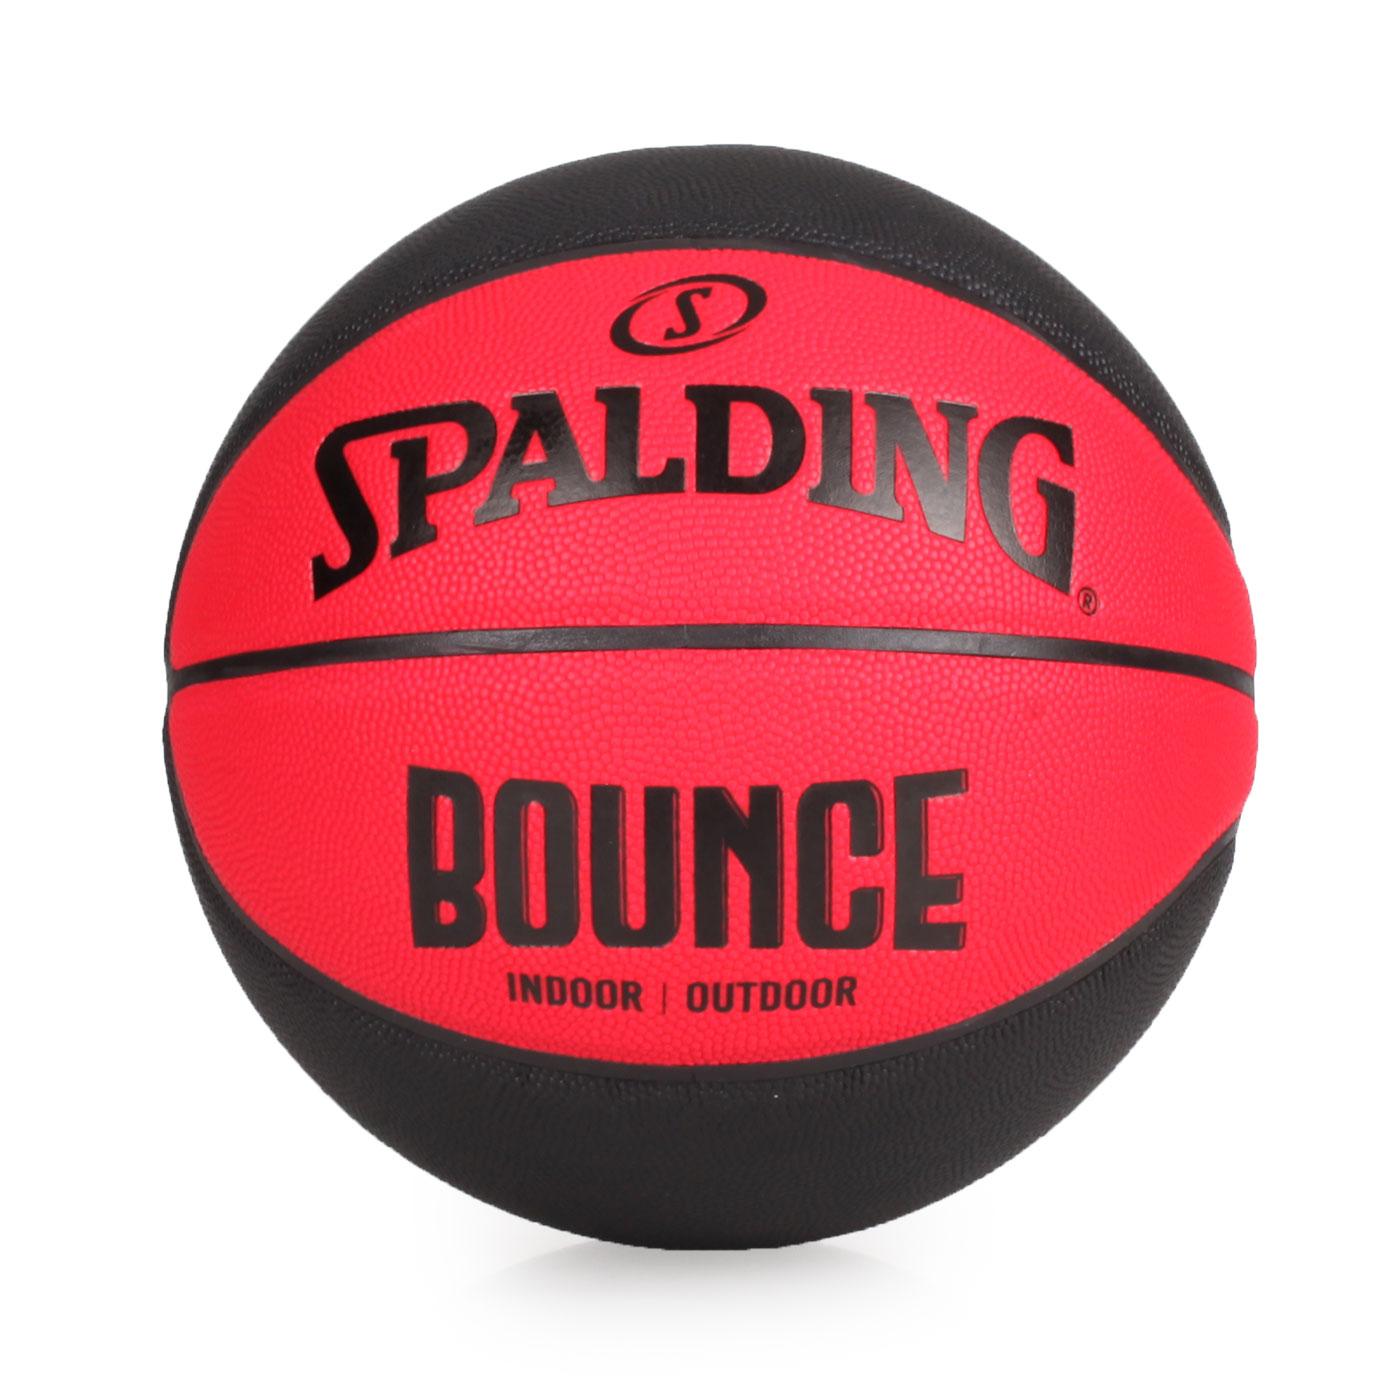 SPALDING Bounce 籃球-PU #7 SPB91002